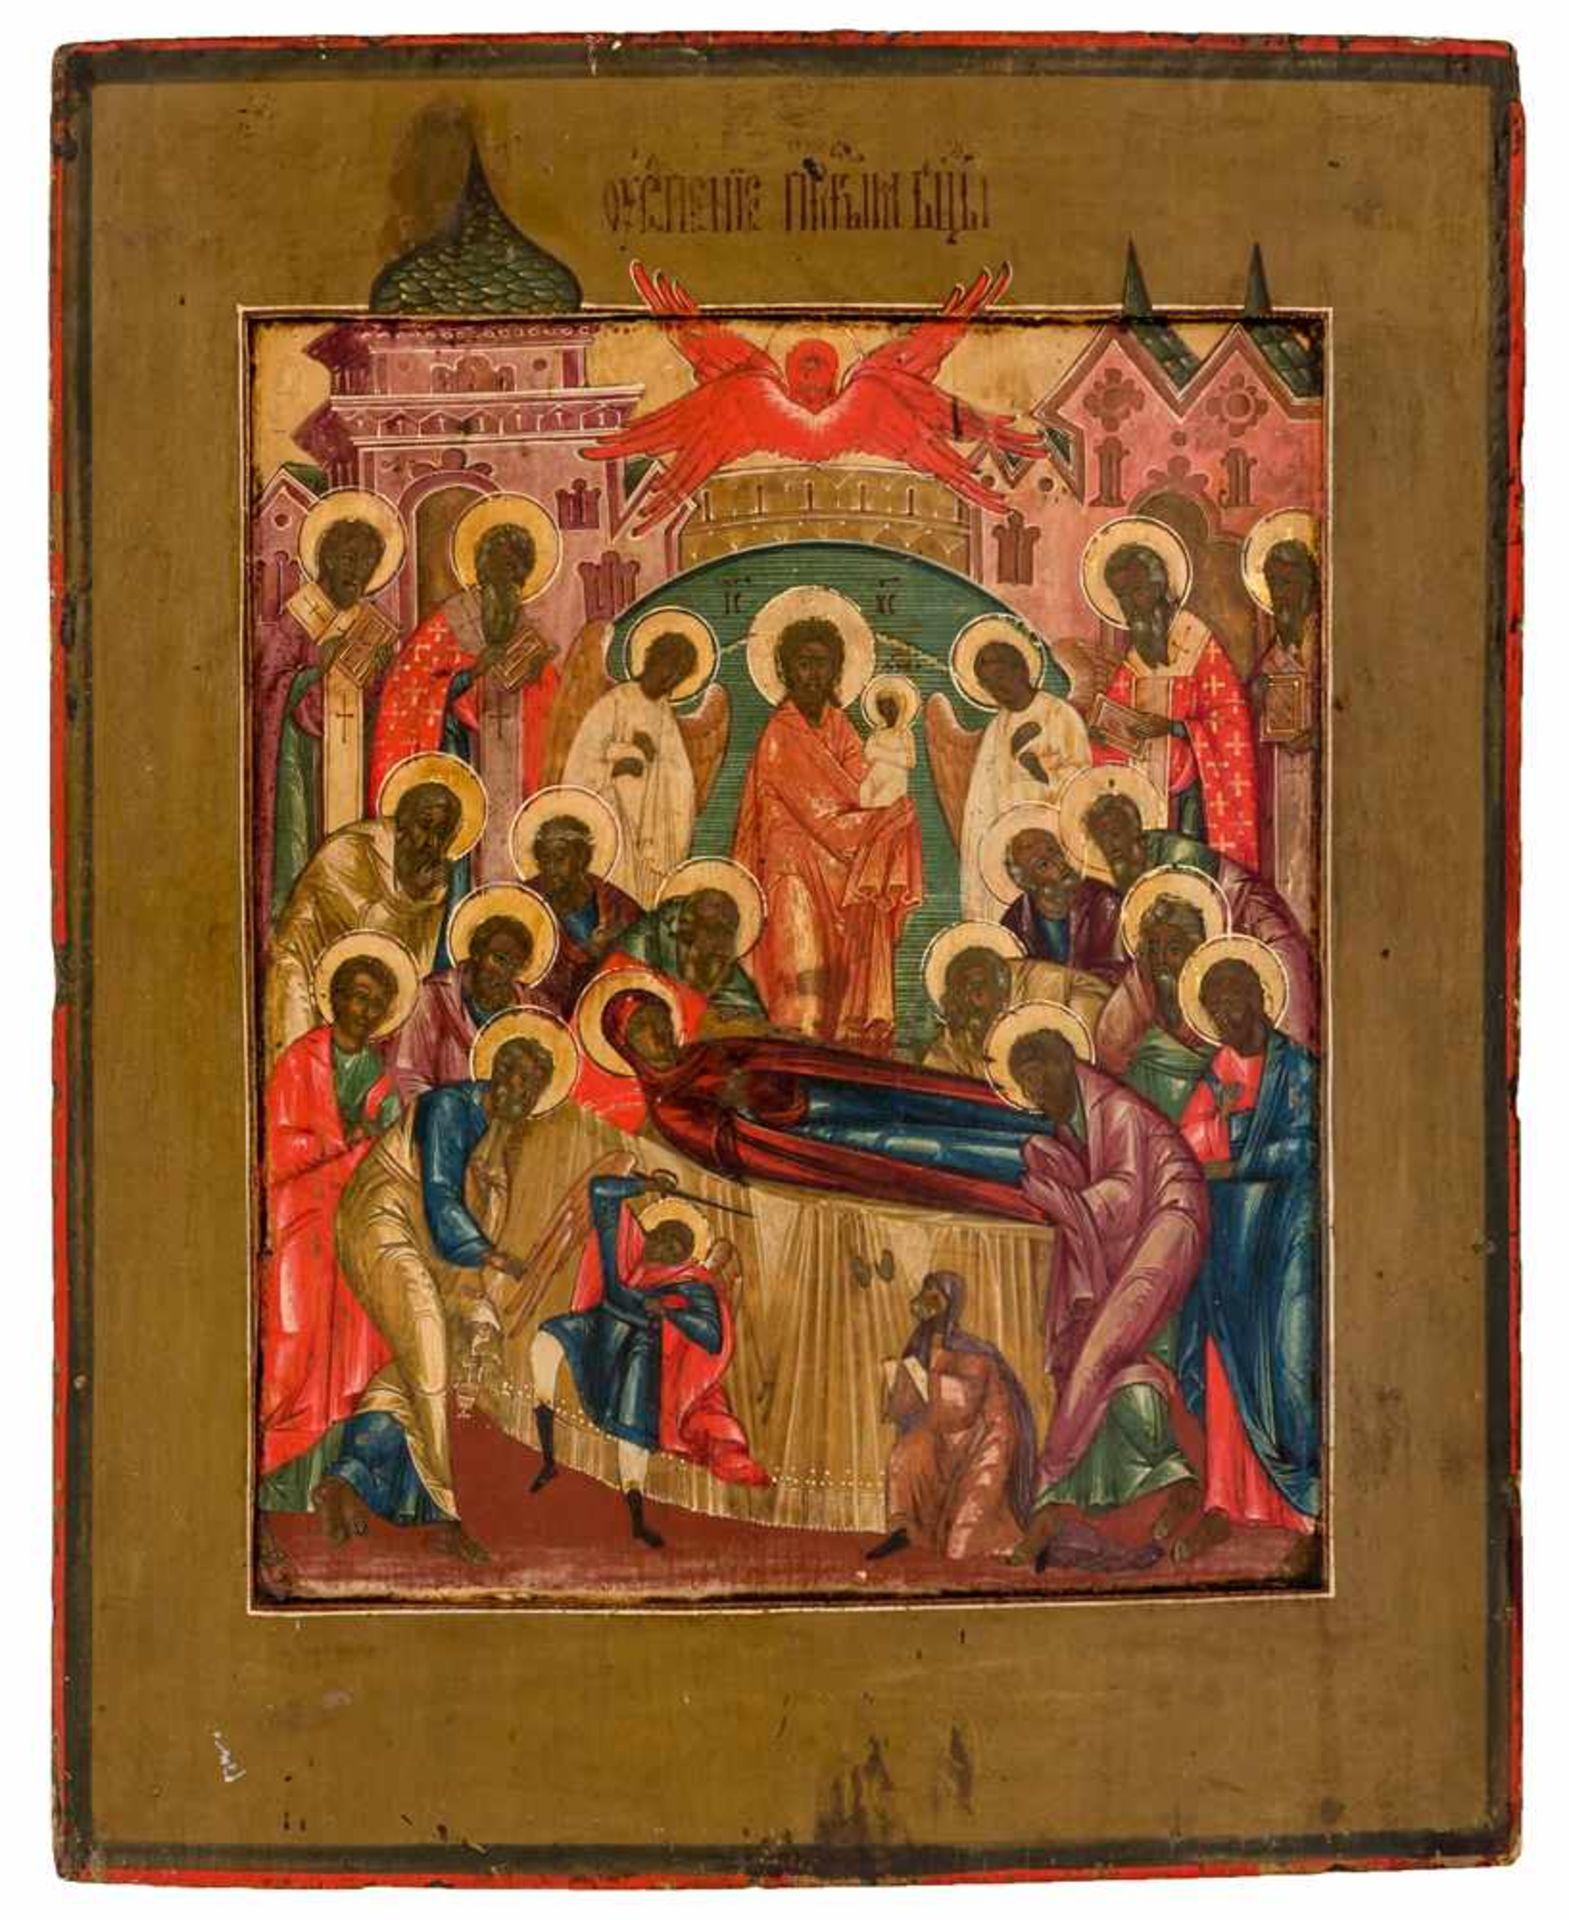 *Entschlafung der Gottesmutter Russische Ikone, Mitte 19. Jh. 34 x 27,5 cm Provenienz: Bayerische